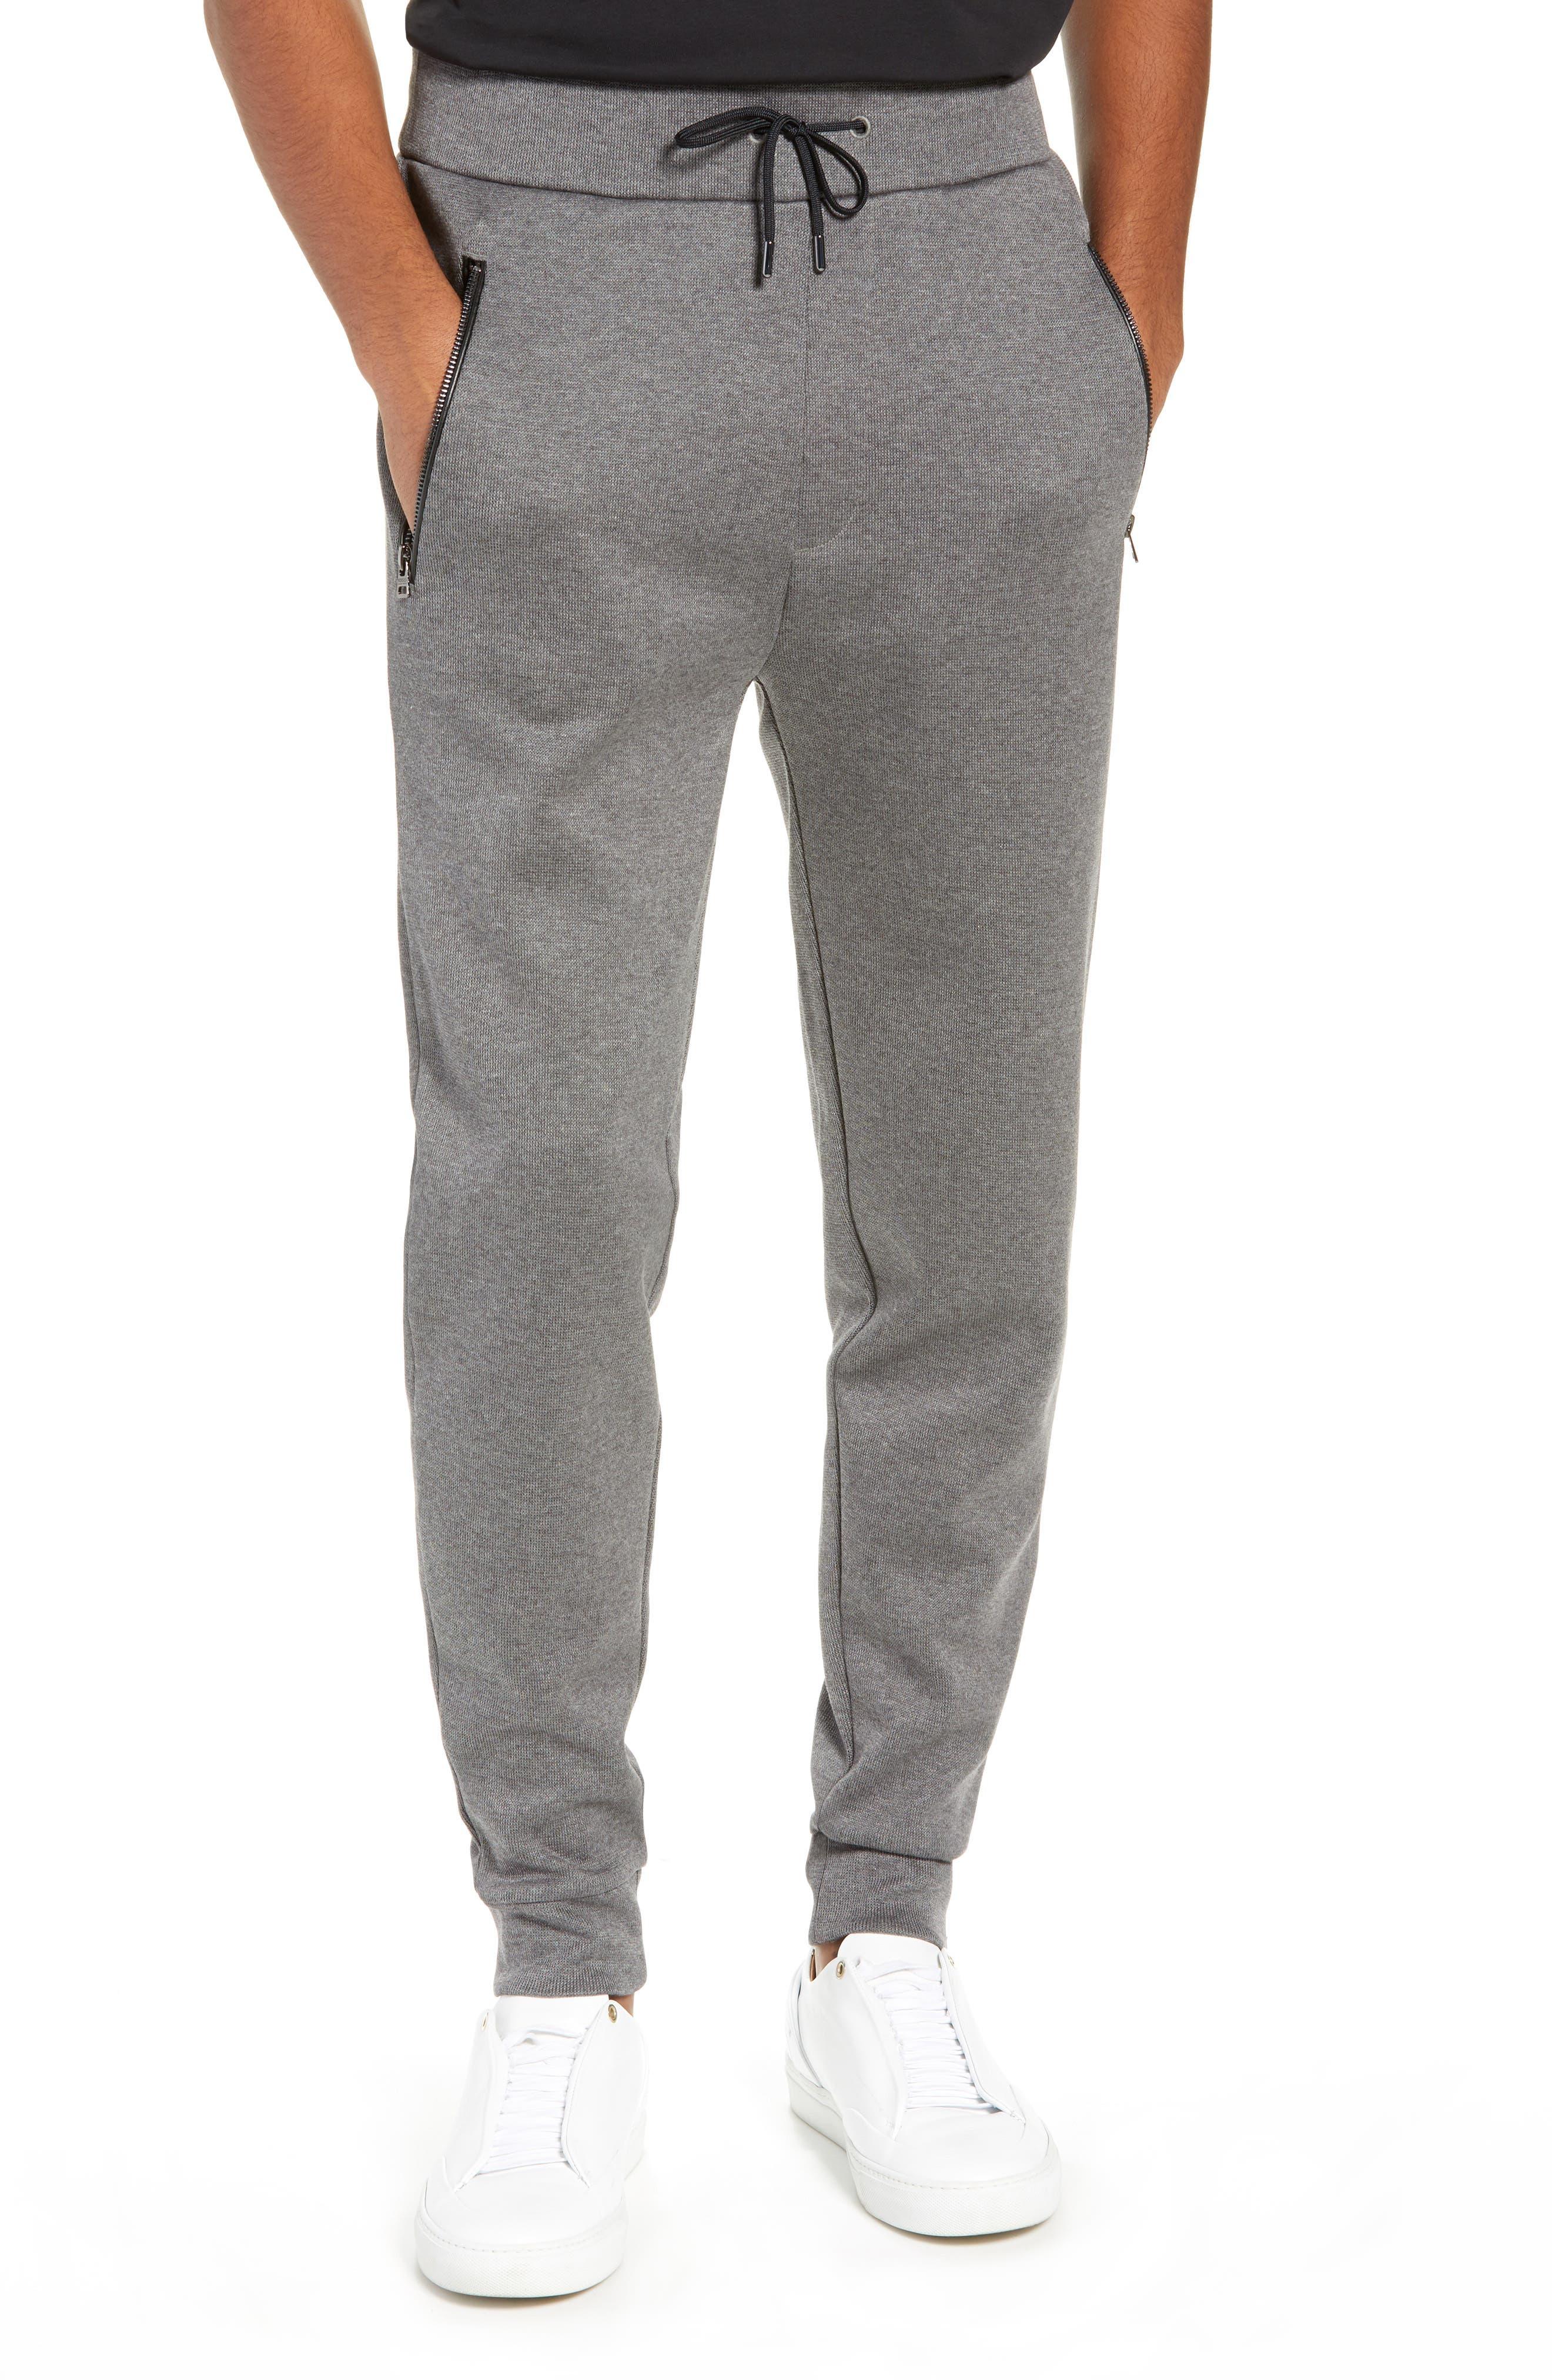 Derg Cotton Sweatpants,                         Main,                         color, 081